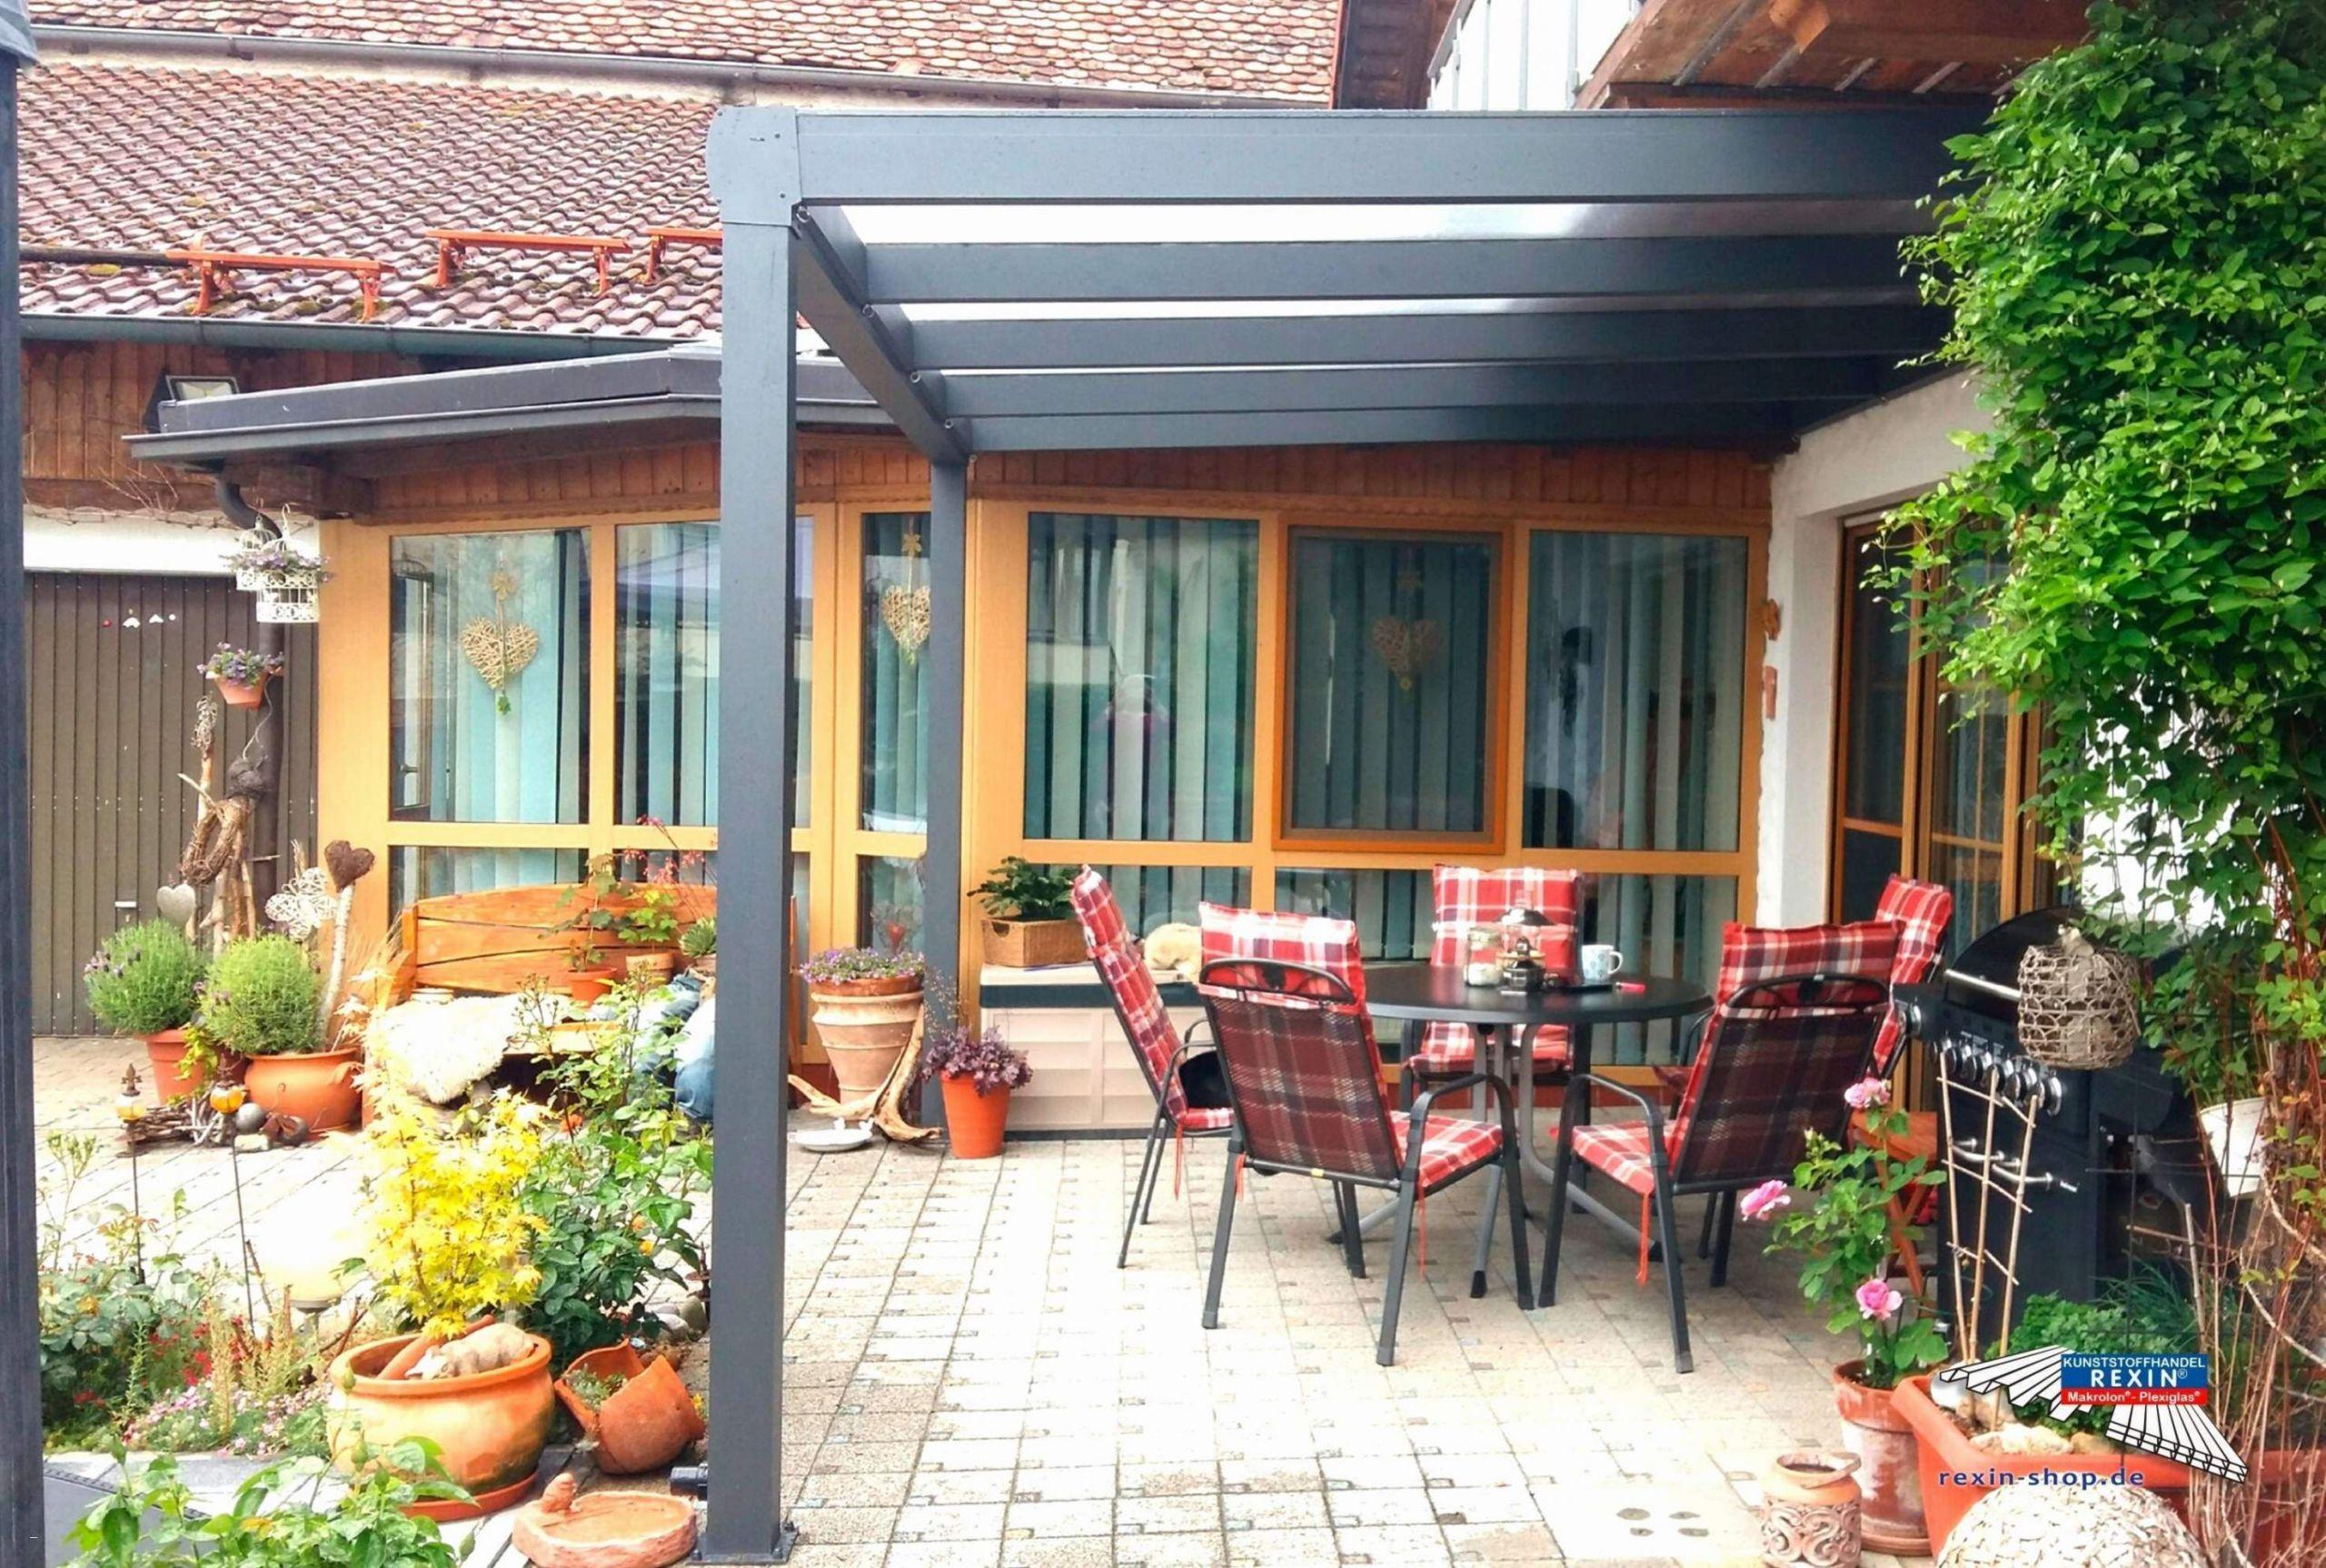 46 frisch sonnenschutz uberdachung foto sonnenschutz garten terrasse sonnenschutz garten terrasse